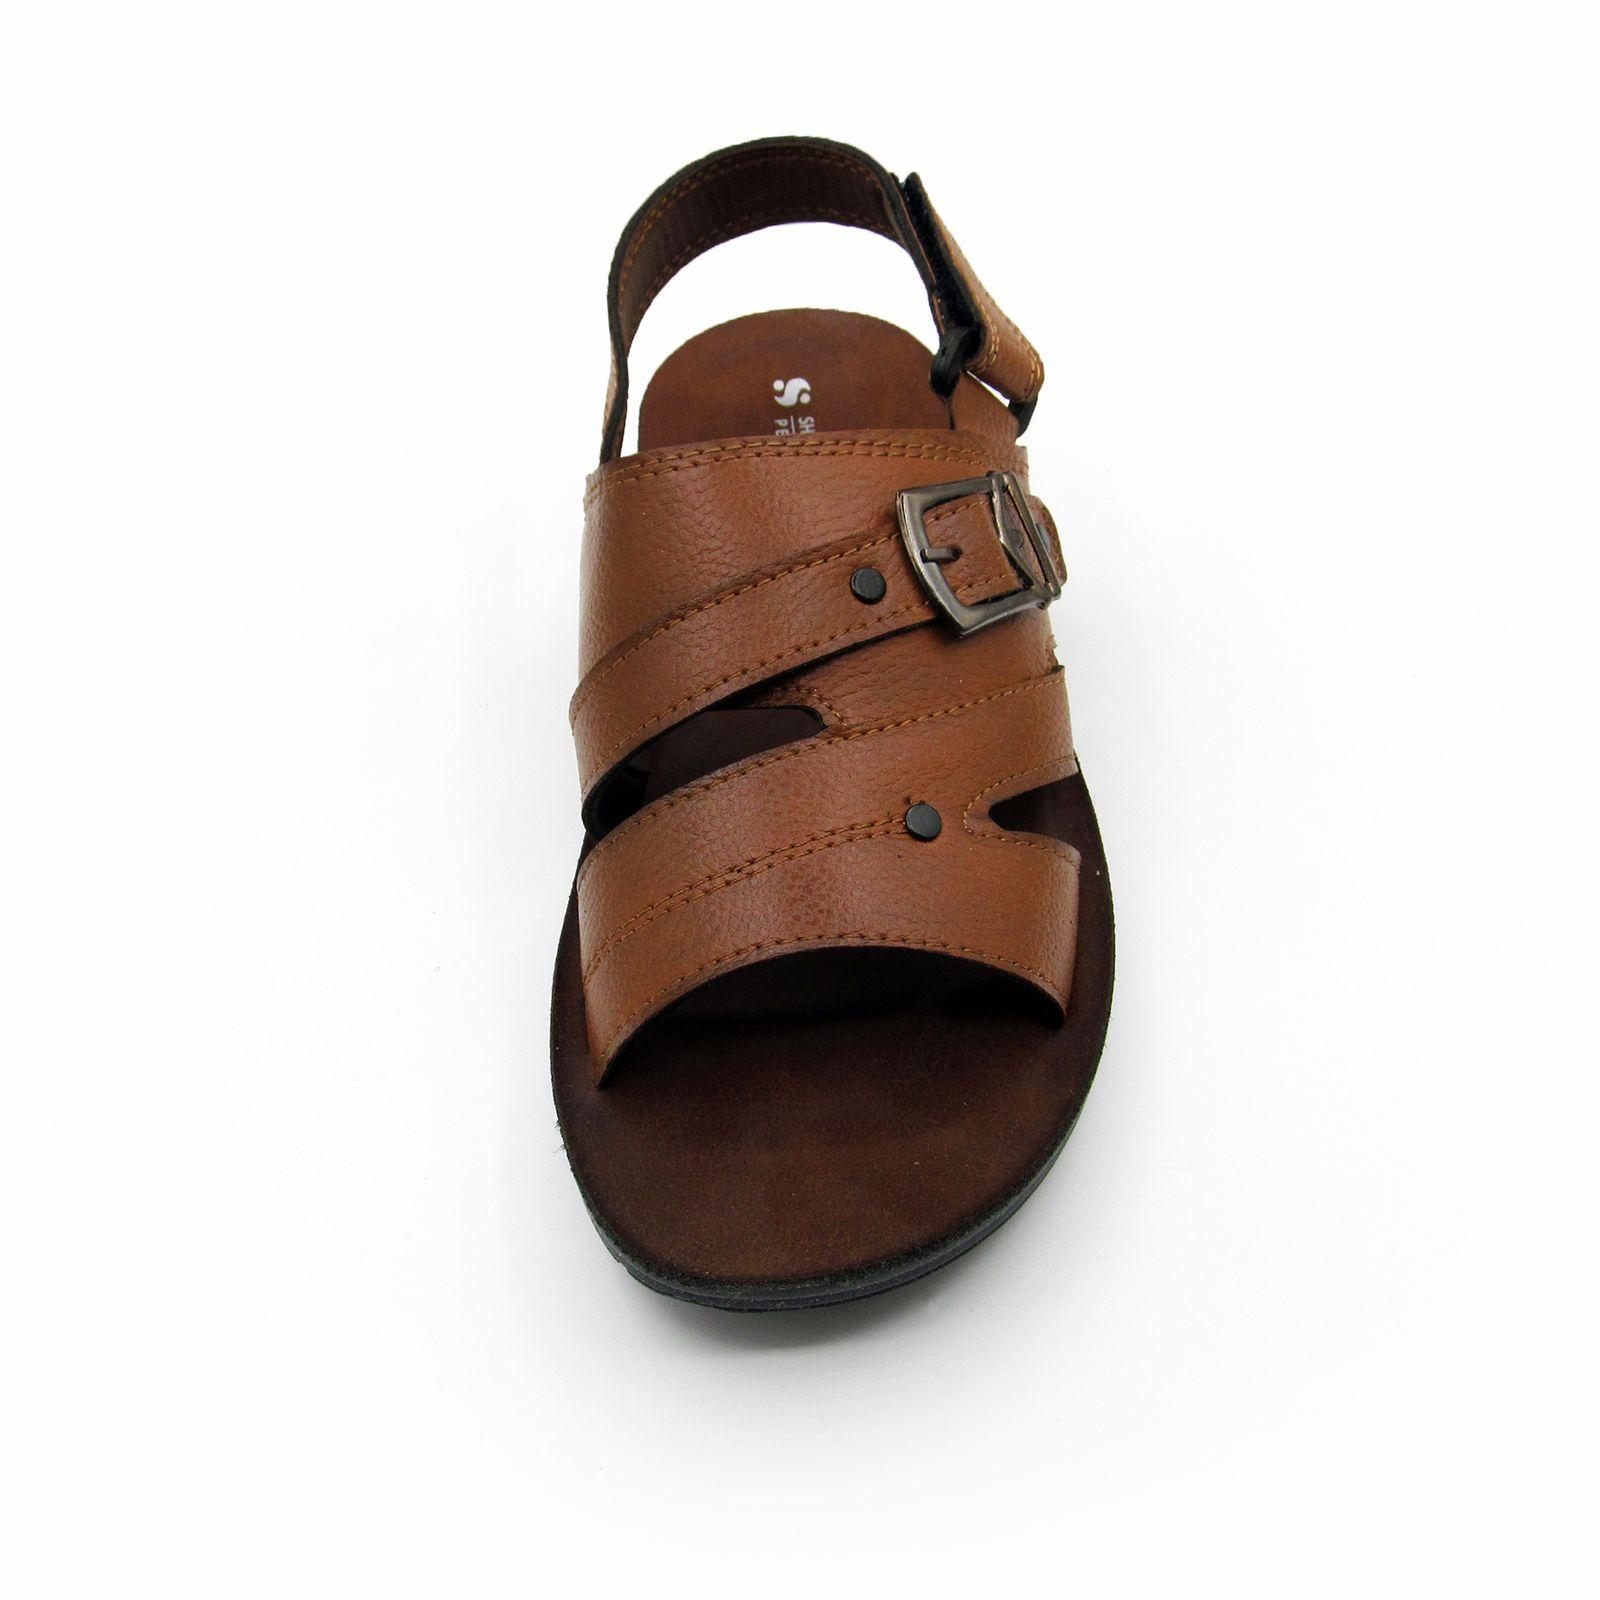 صندل مردانه کفش شیما مدل پرو کد 1807 -  - 7